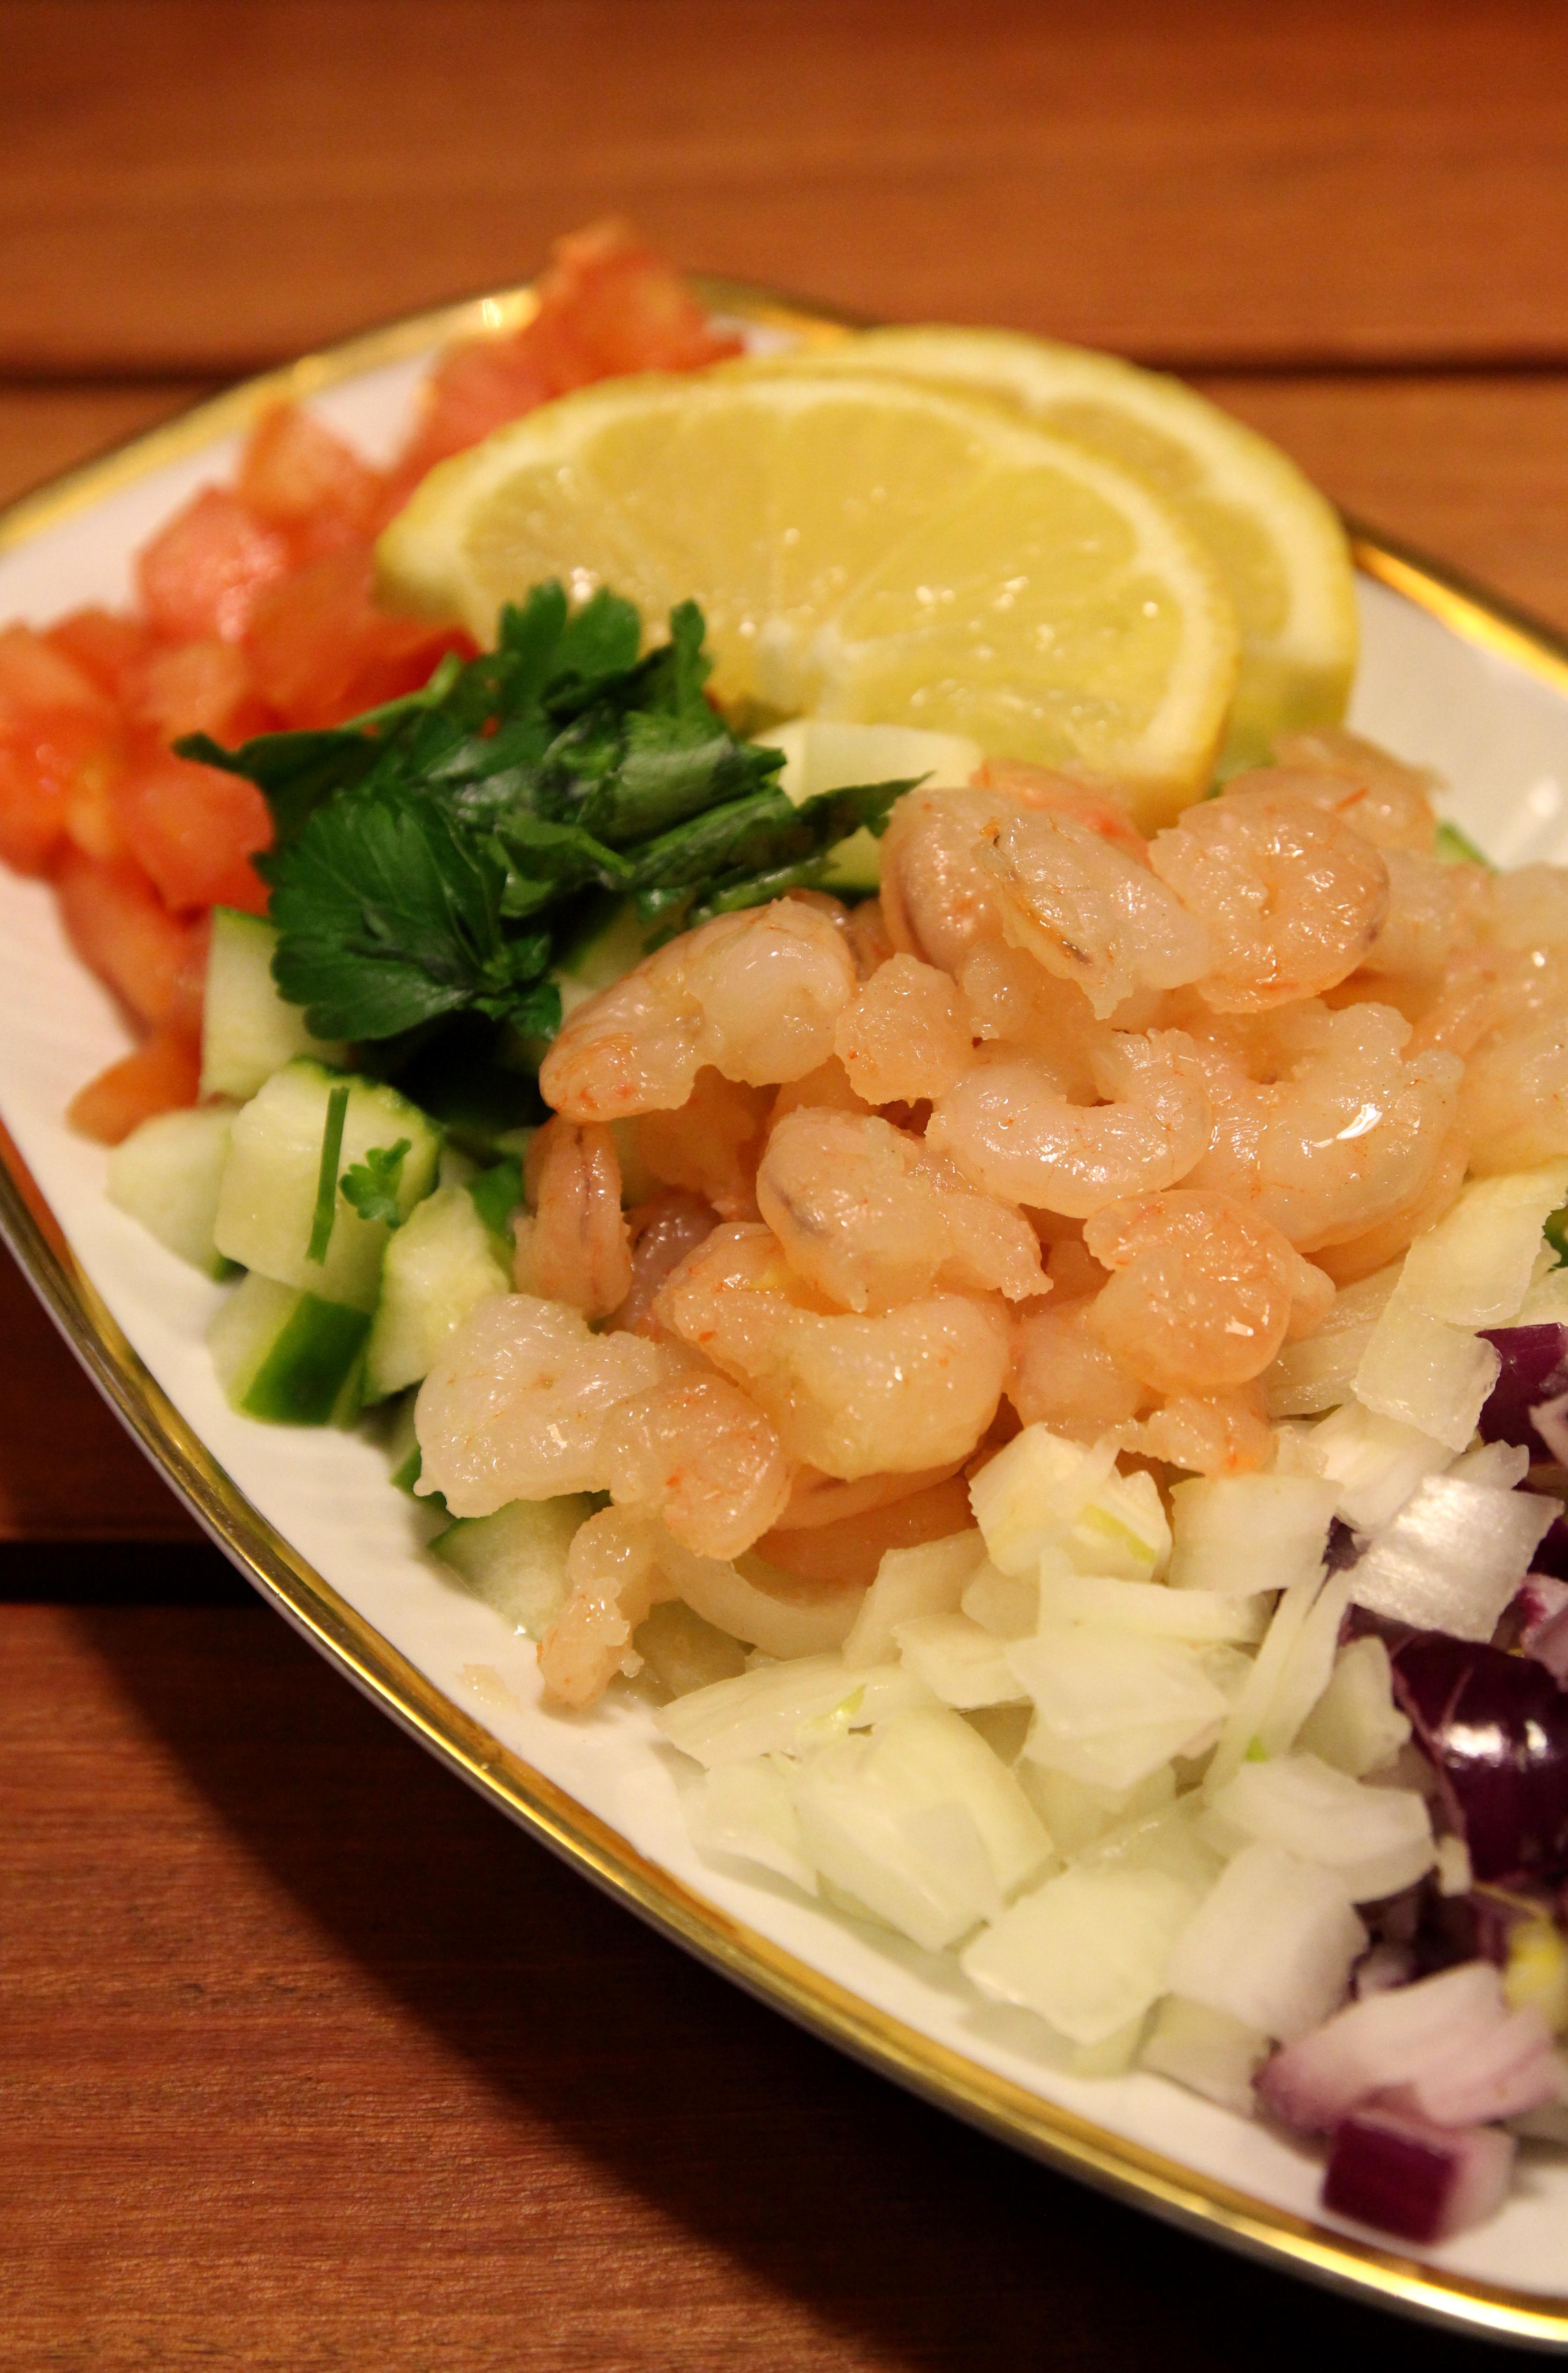 Shrimp & Vegetable Salad7